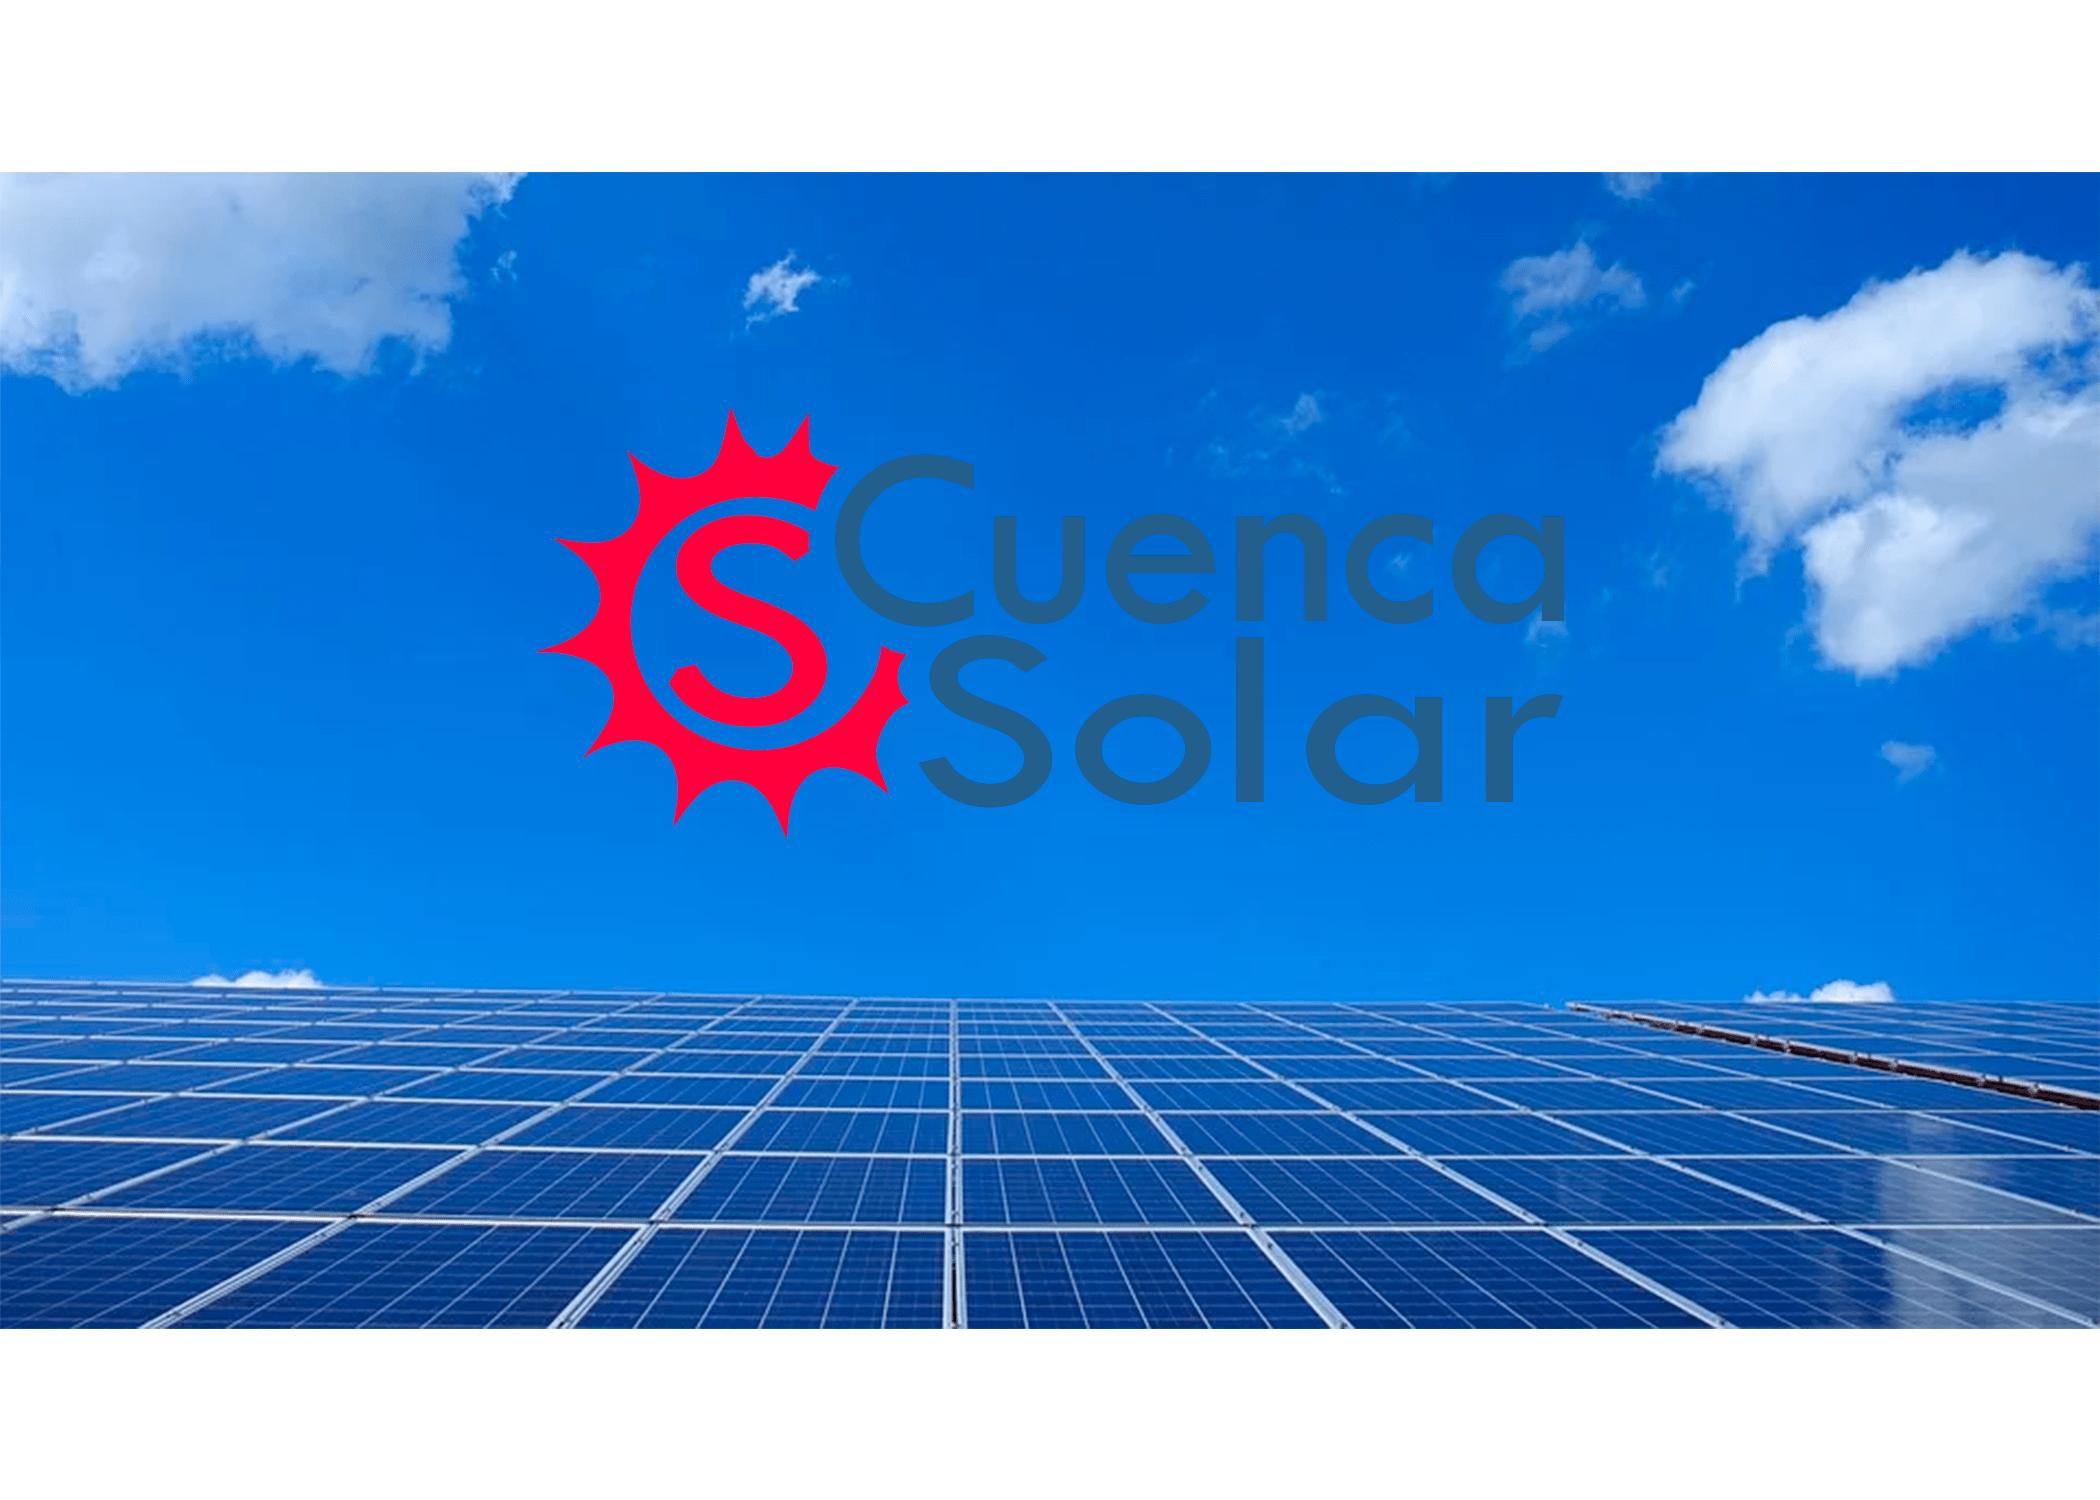 Portada paneles solares Cuenca